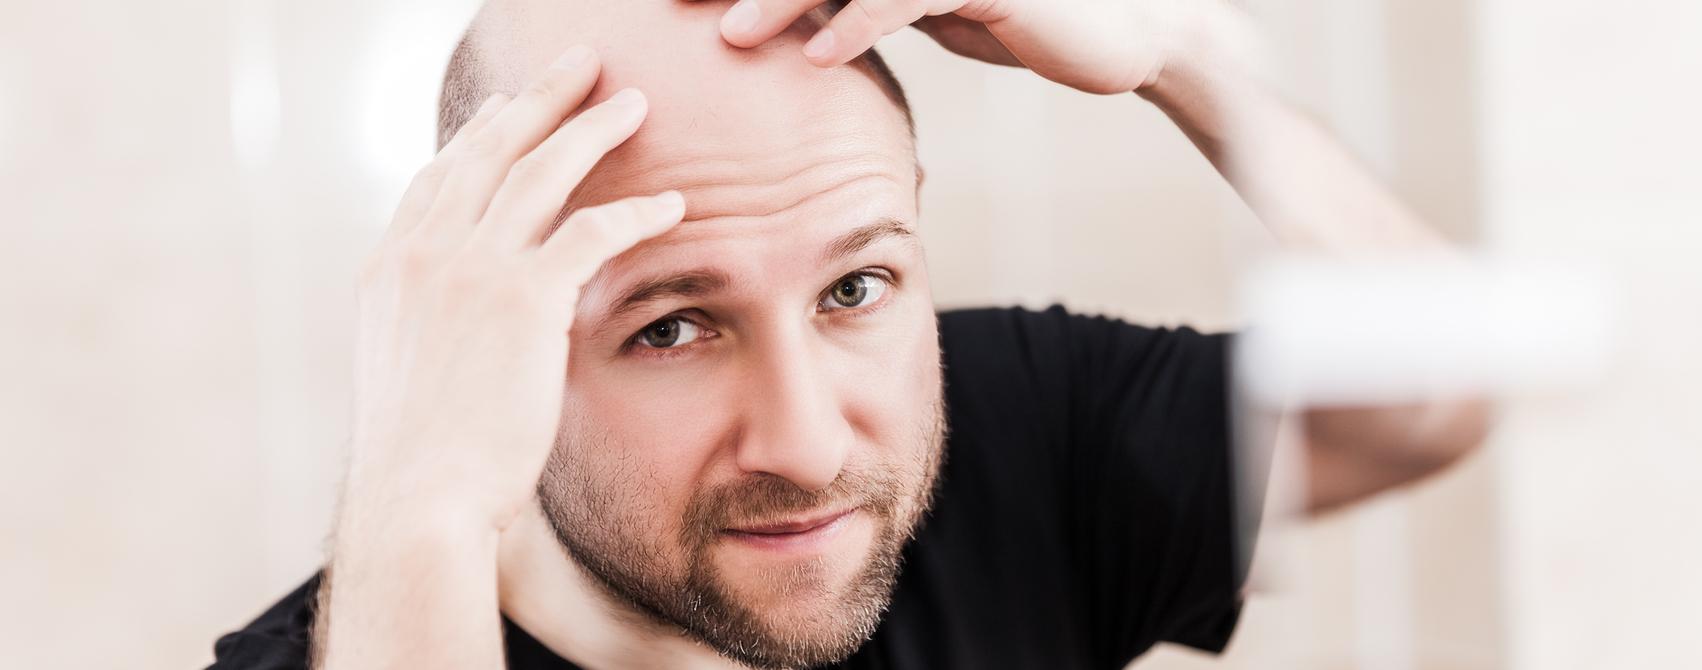 Medikamente gegen Haarausfall können Impotenz auslösen